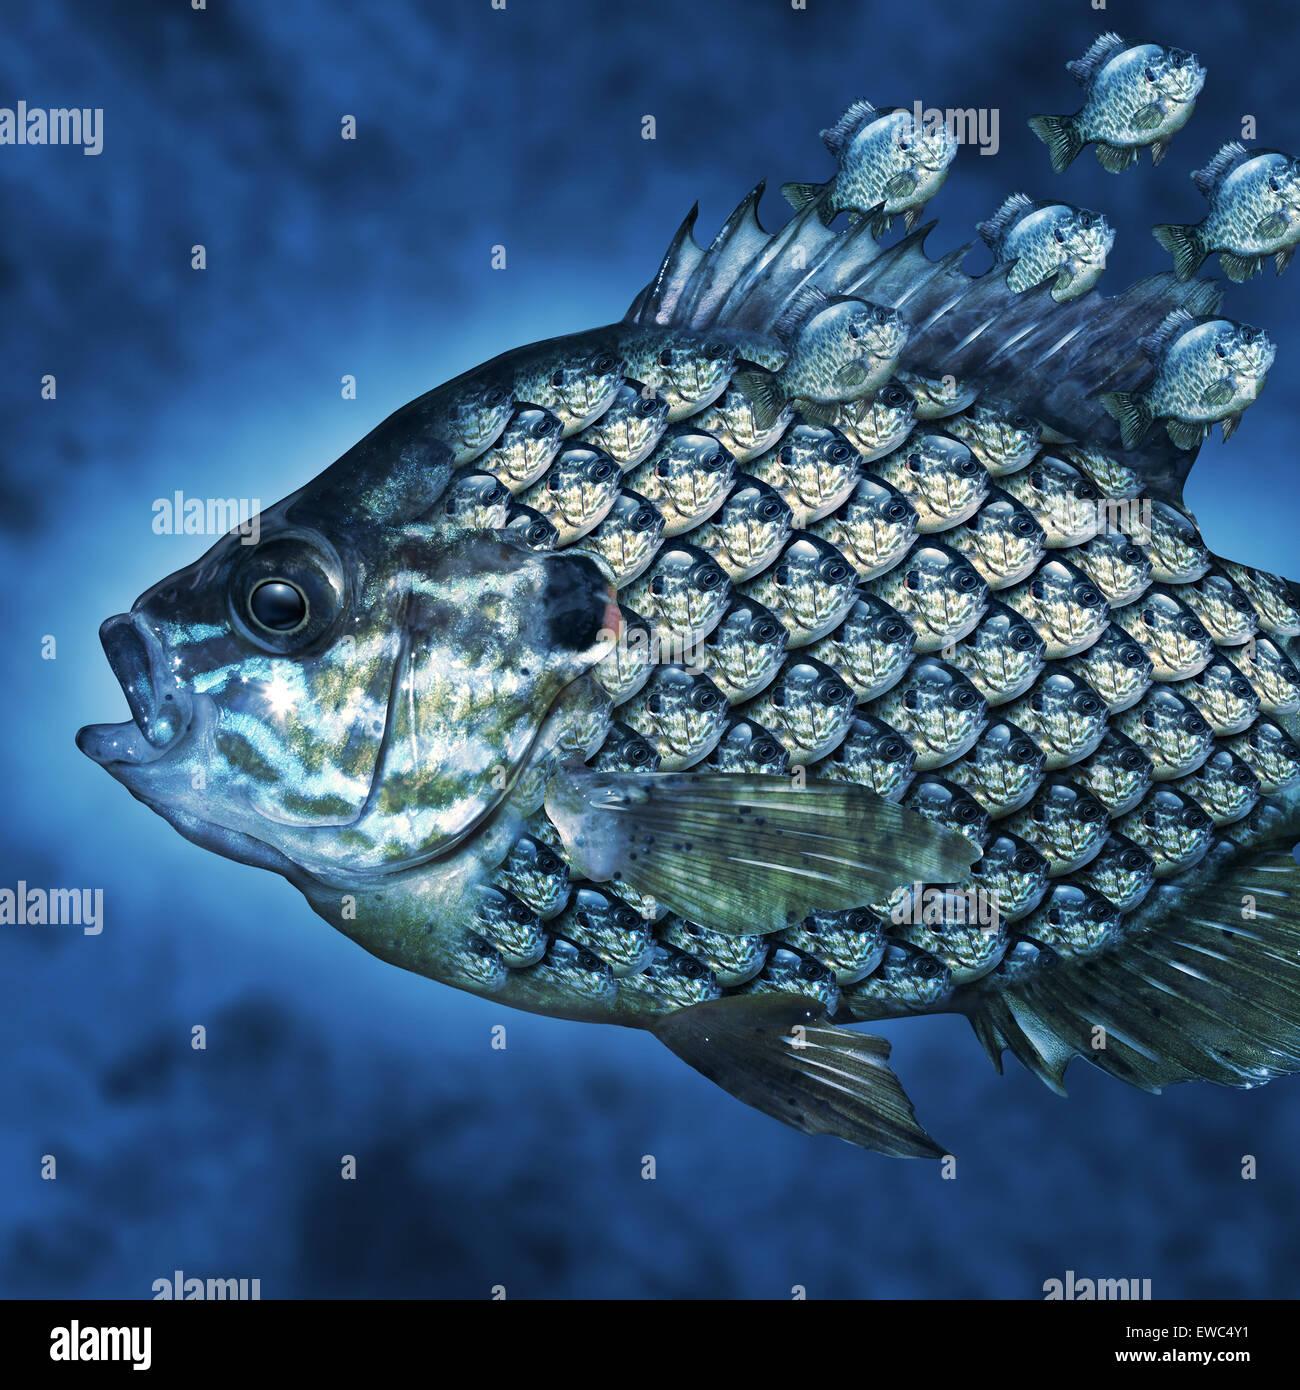 Gruppe-Leadership Management-Business-Konzept als ein großer Fisch mit einer Gruppe von kleineren Fischen wie Stockbild